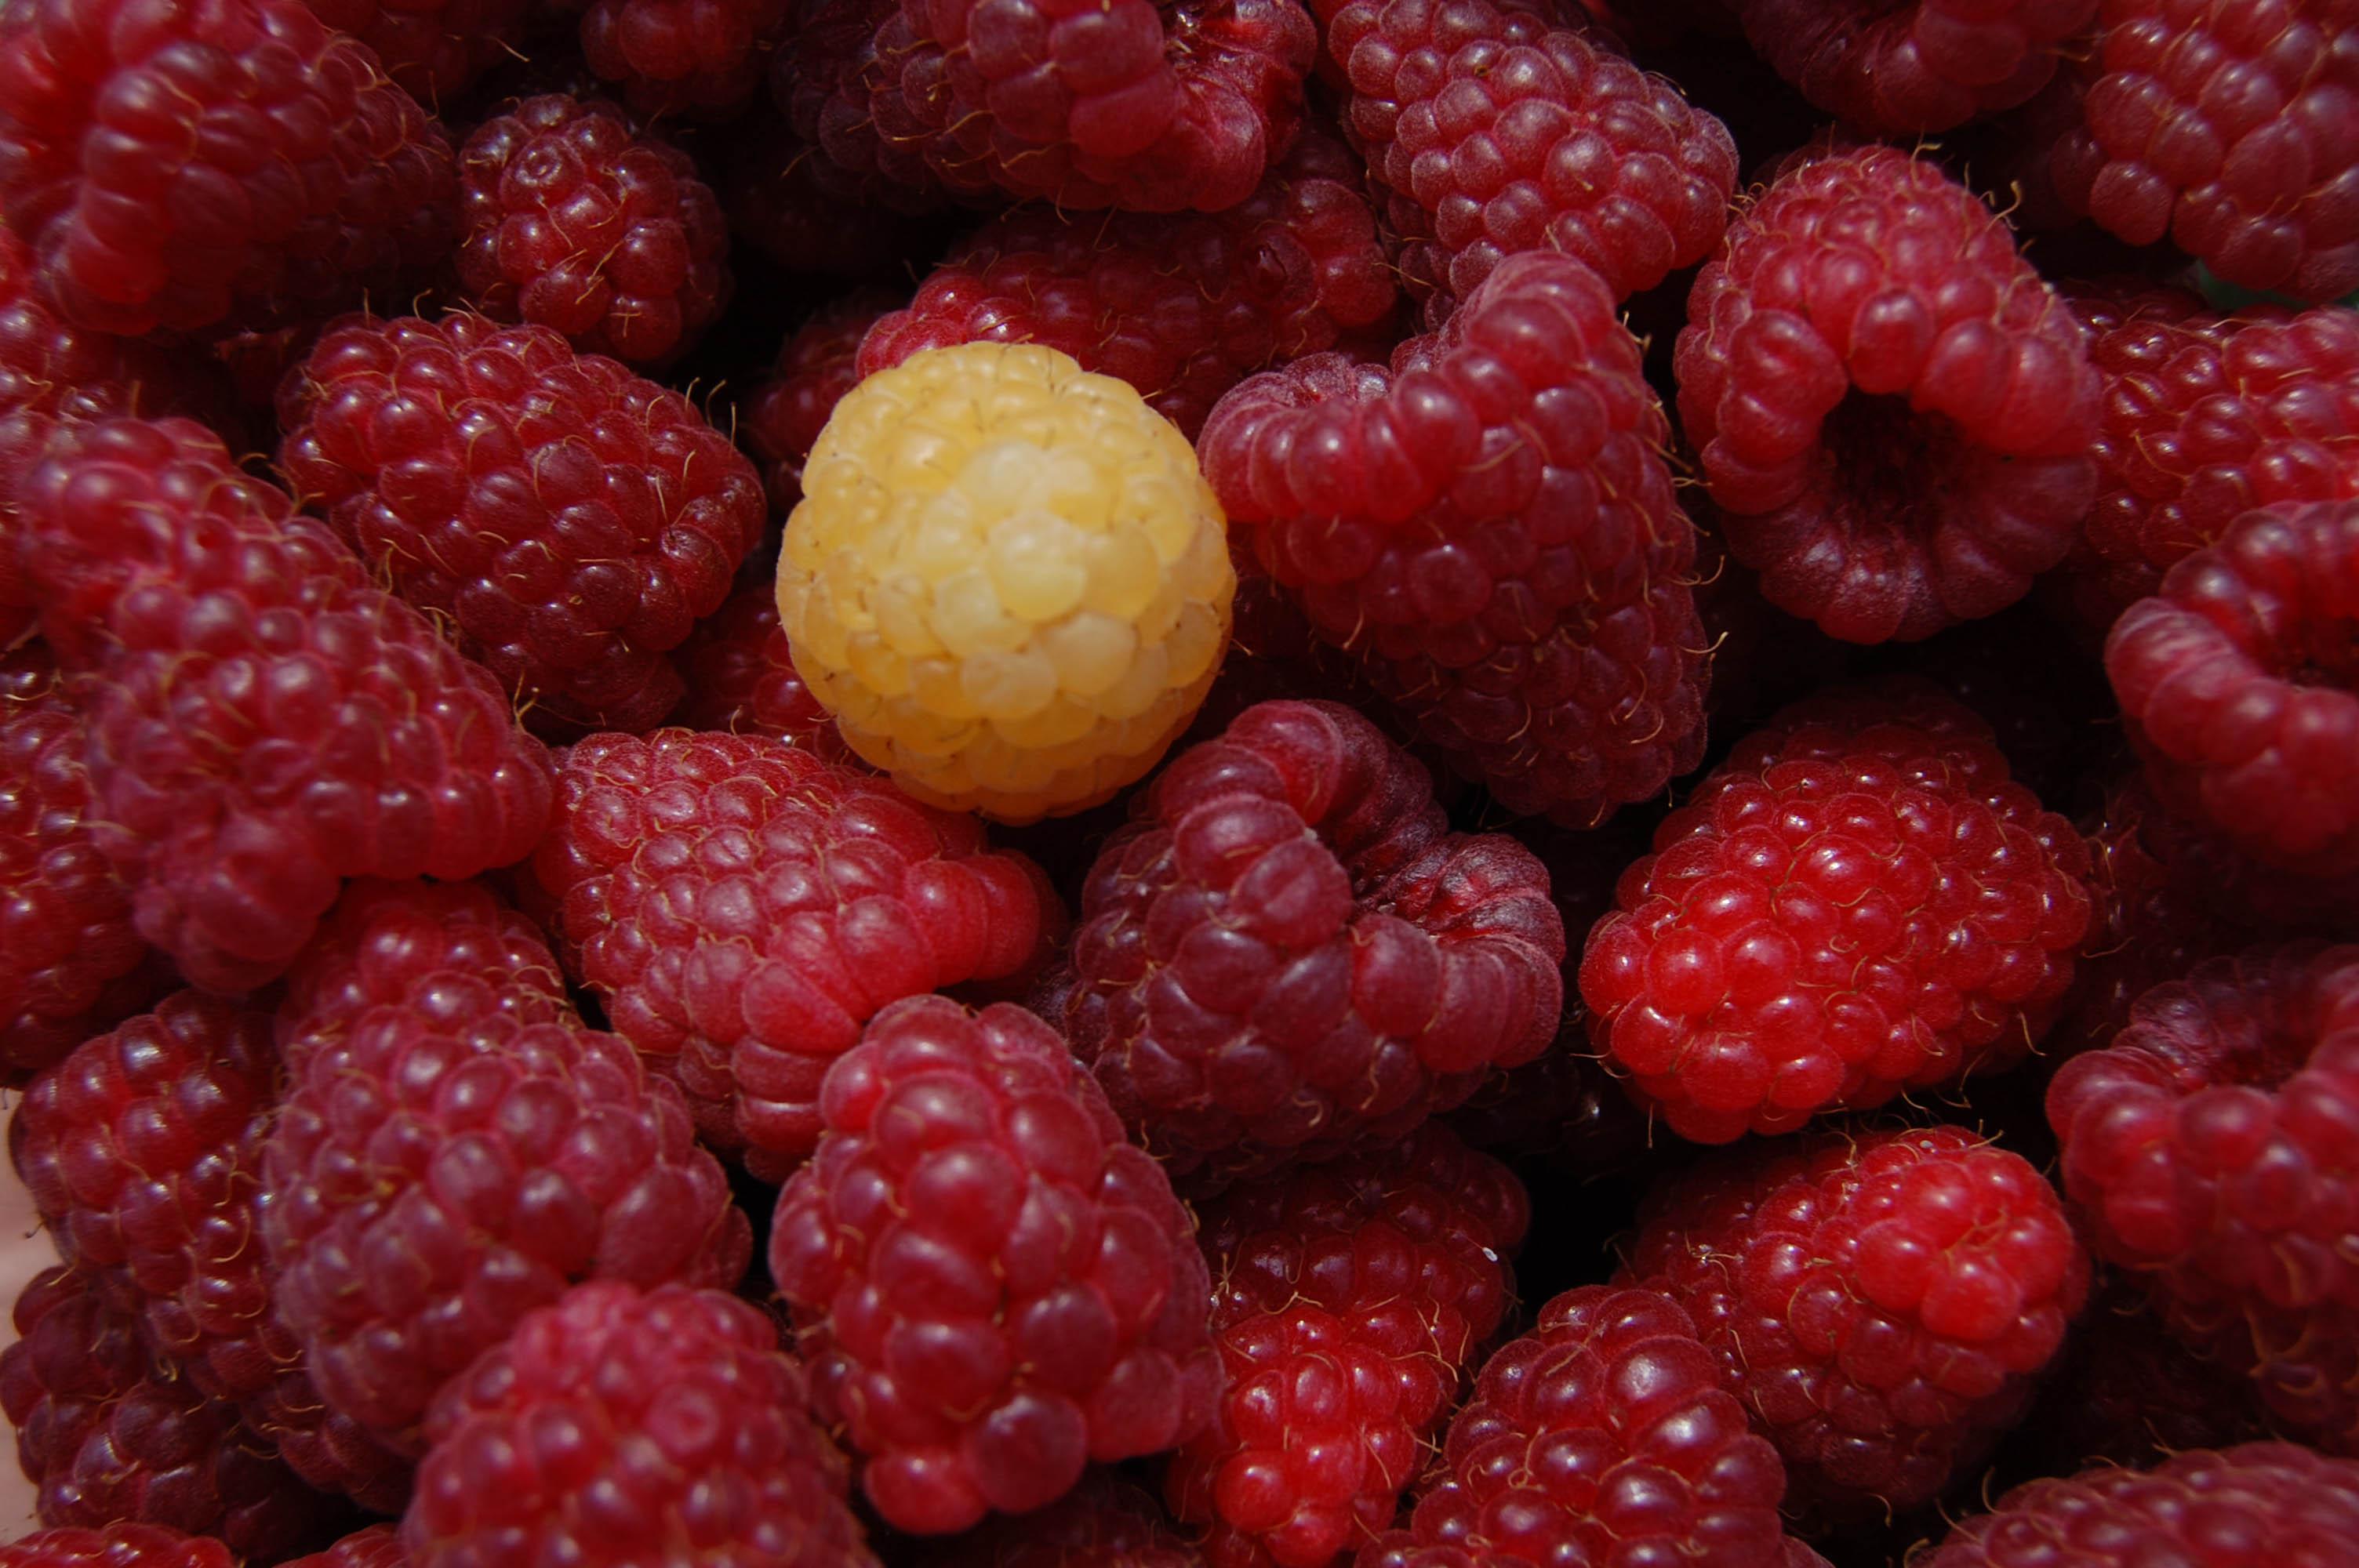 Analizan cómo el organismo transforma los micronutrientes de las frambuesas en moléculas beneficiosas para la salud